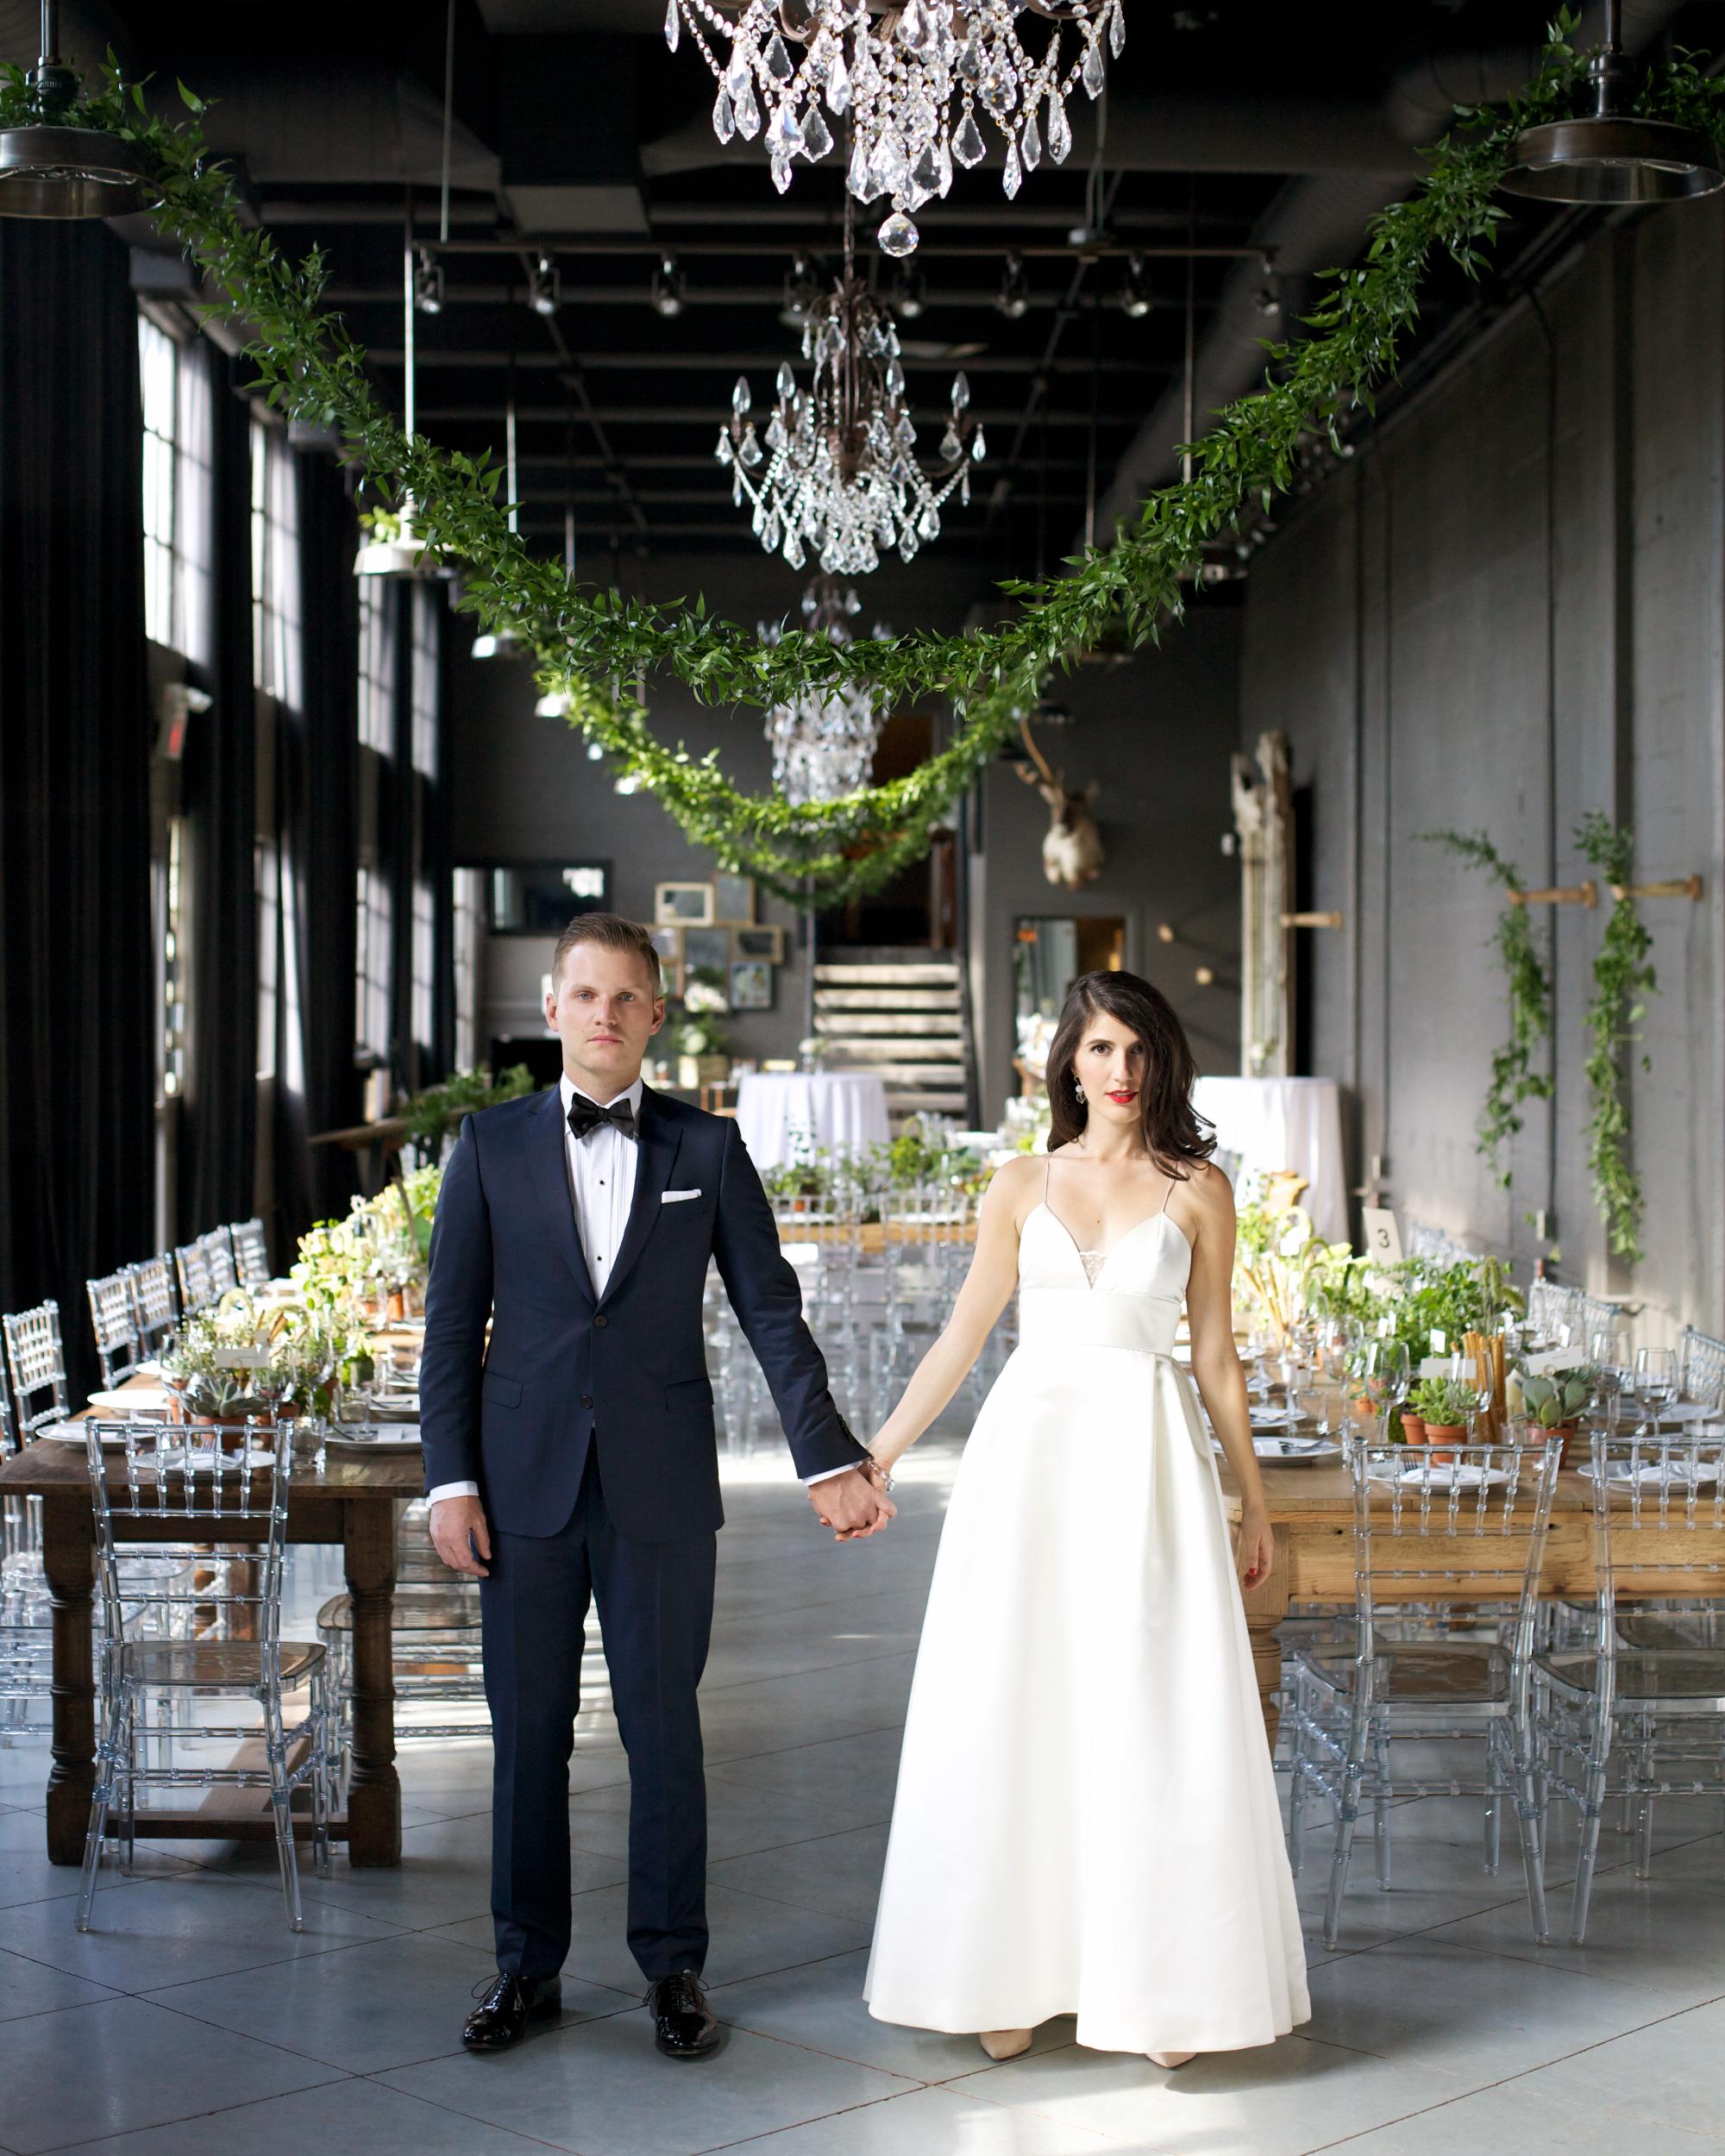 emily-brett-wedding-portrait4-0414.jpg